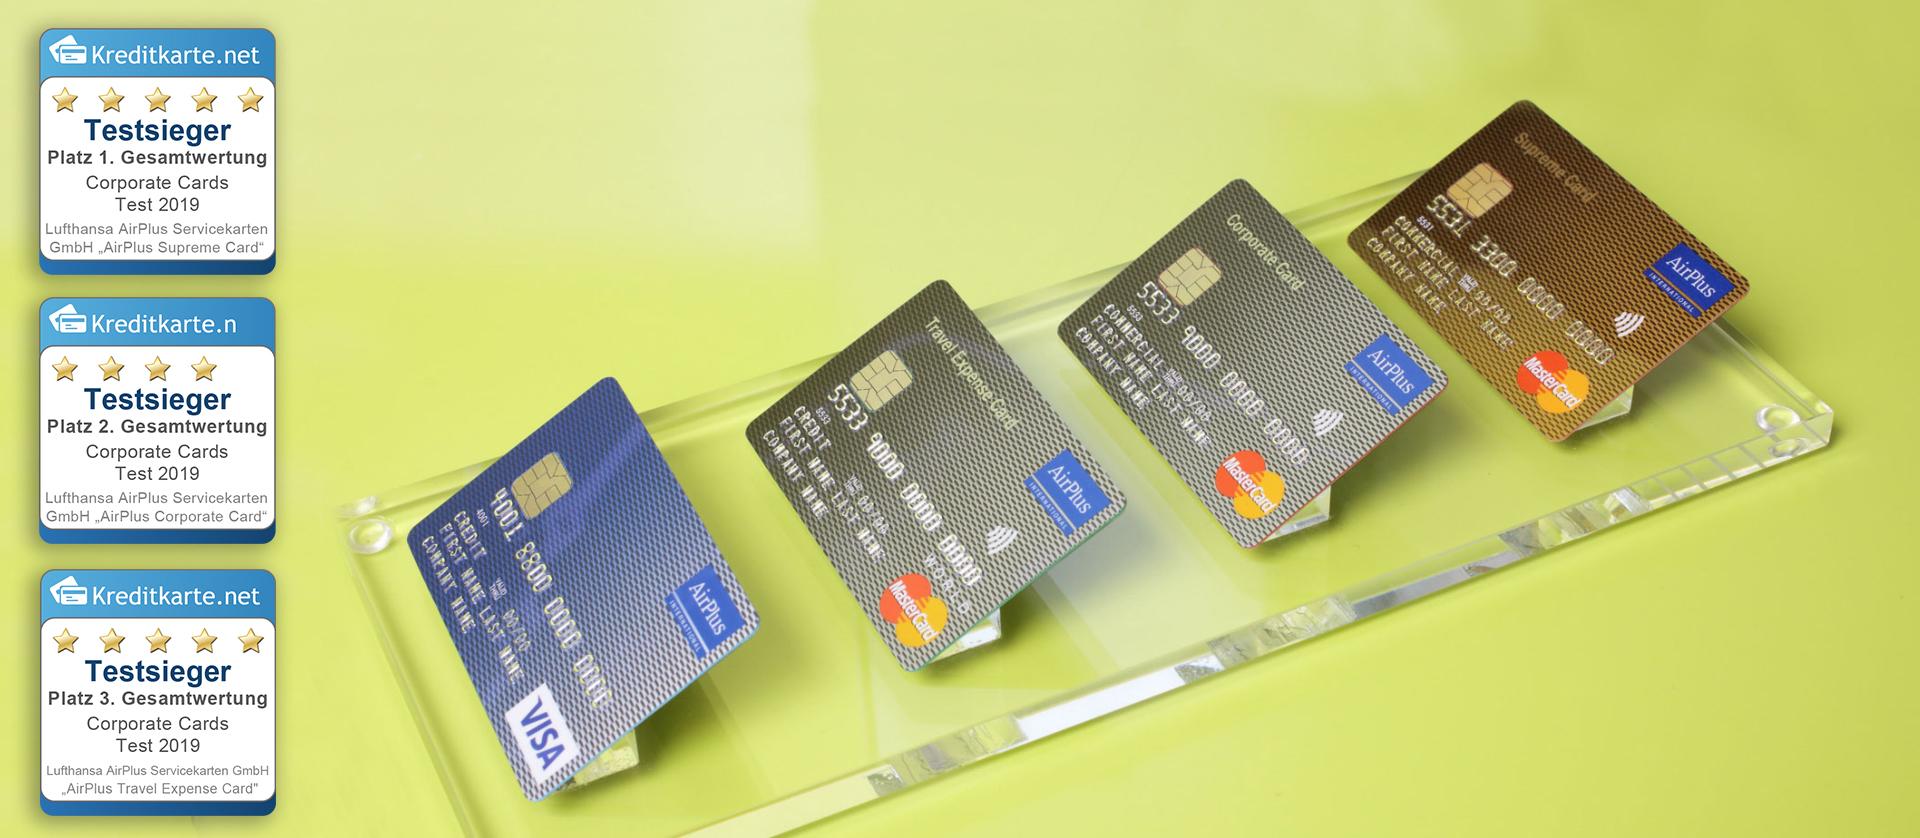 Kreditkarten von AirPlus sind Sieger im Vergleichstest von kreditkarte.net